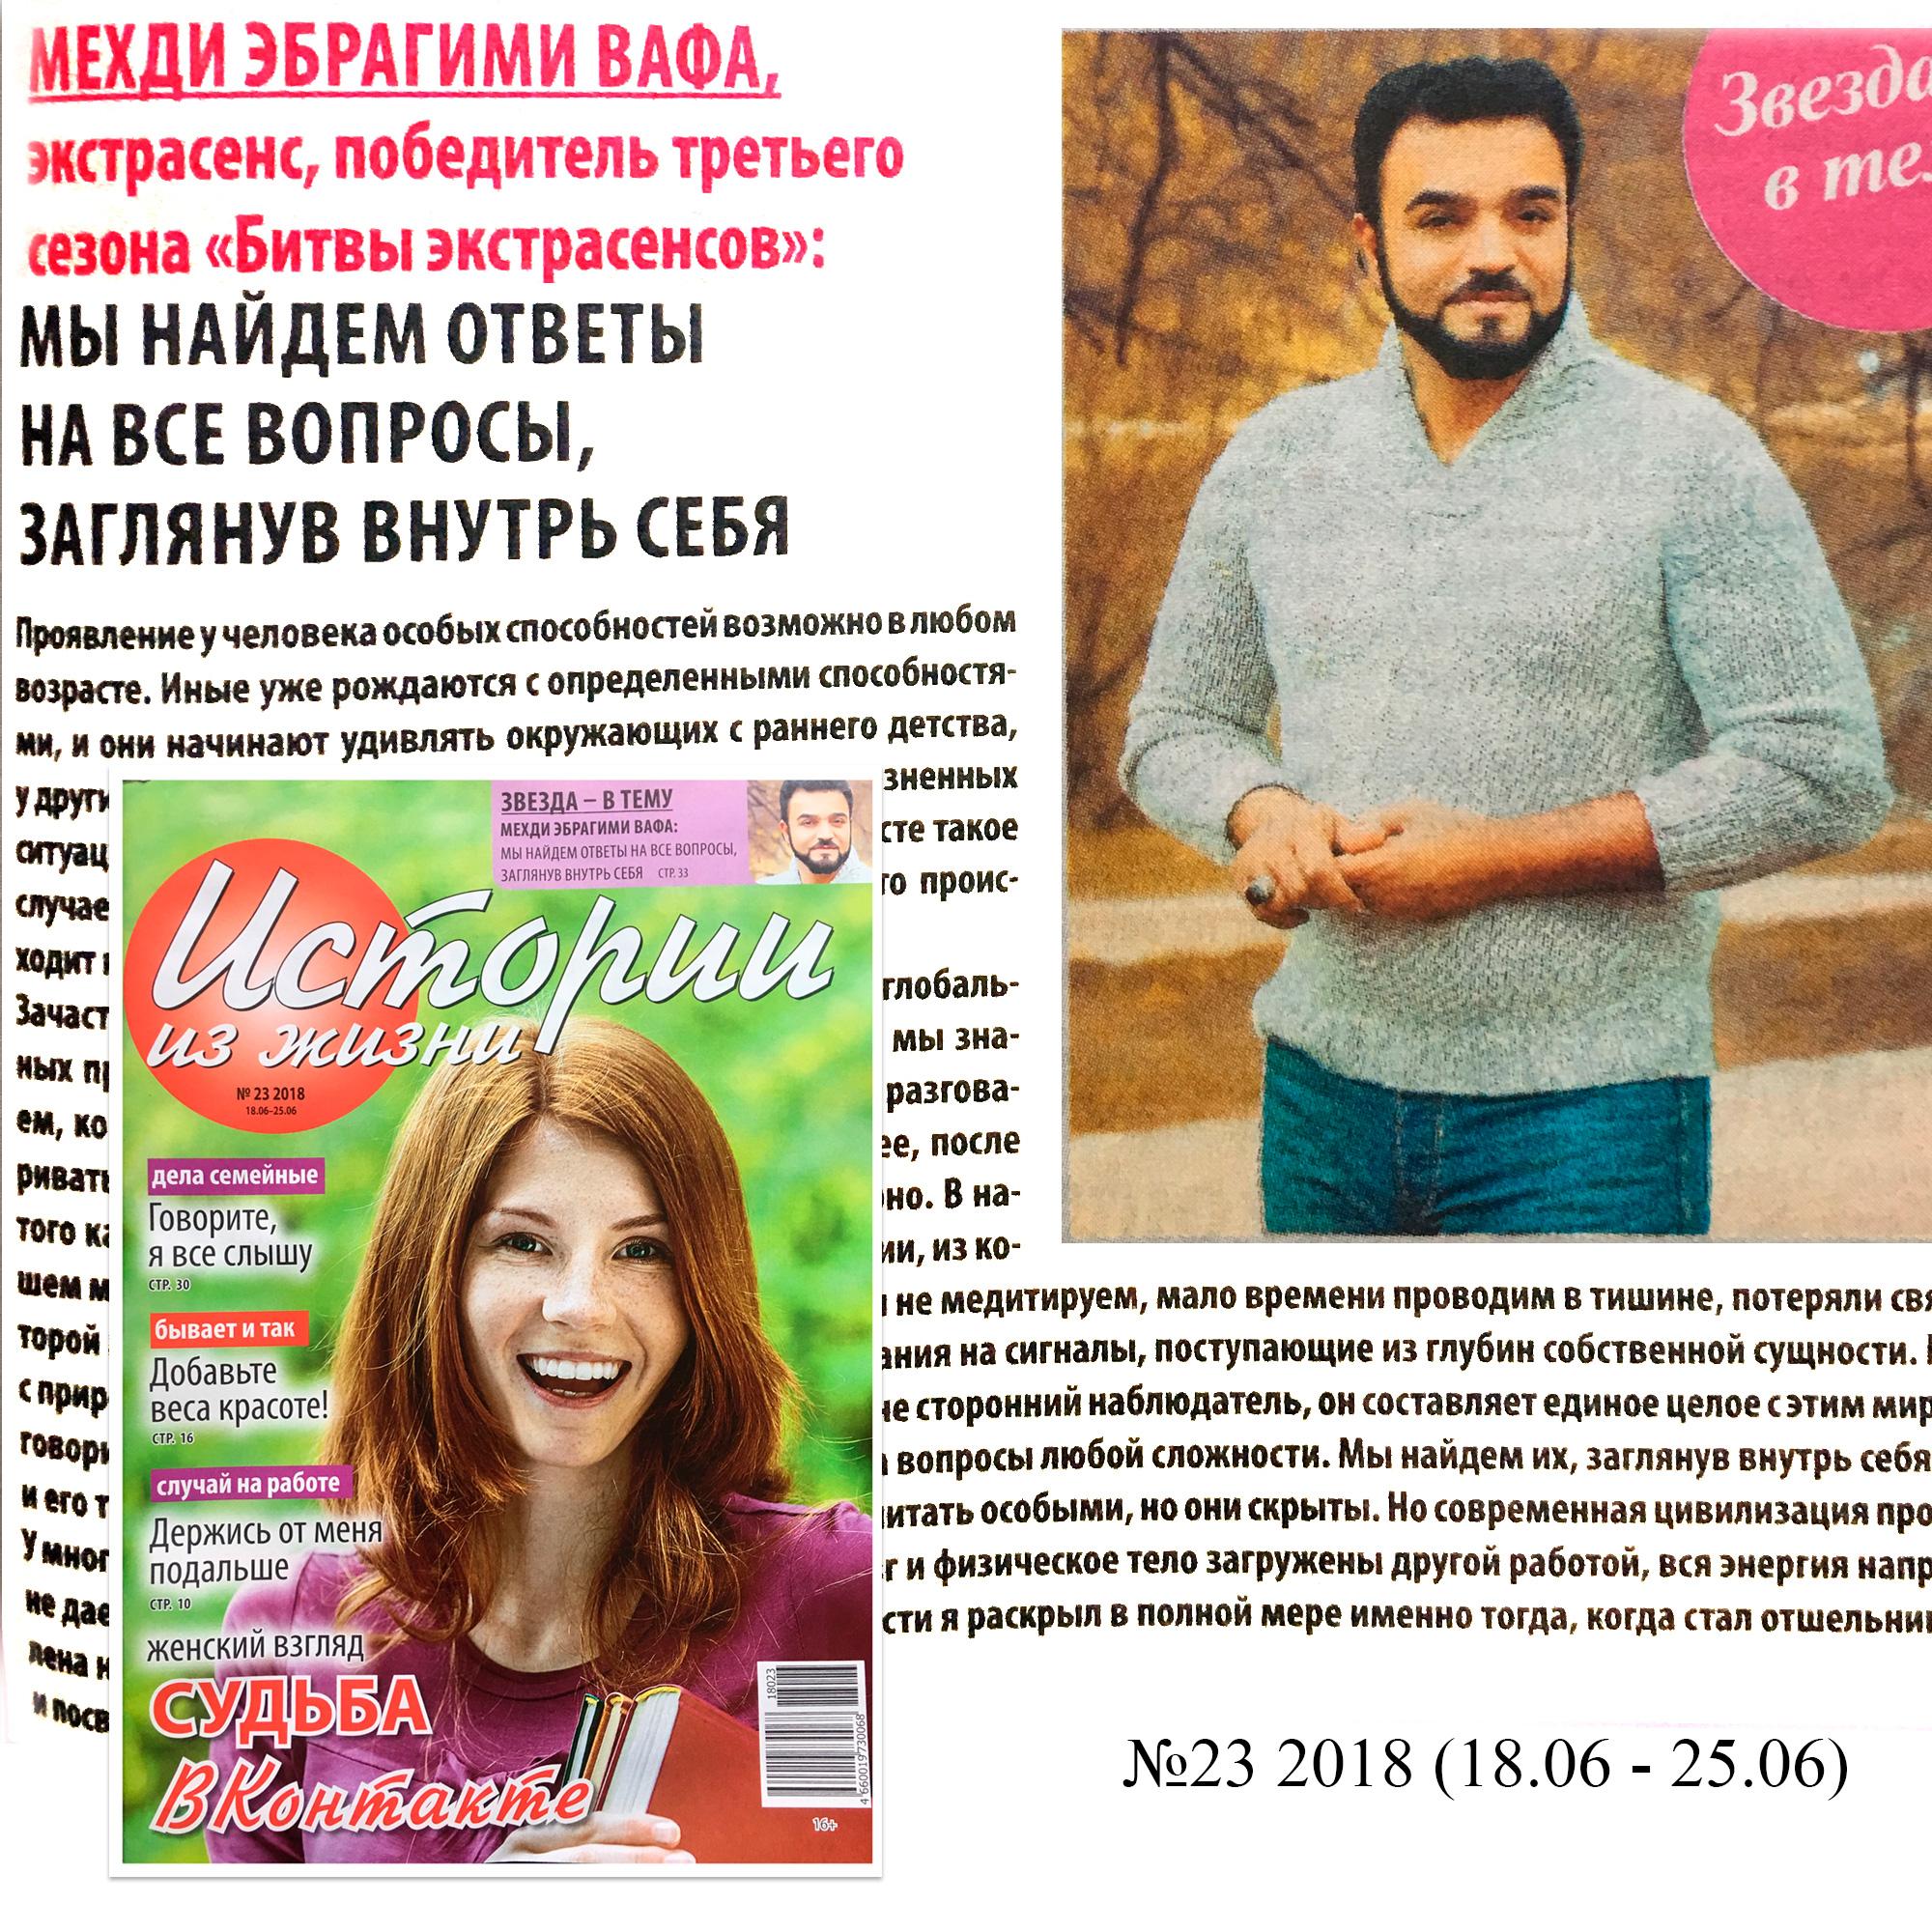 istorii-iz-zhizni-publikaciya